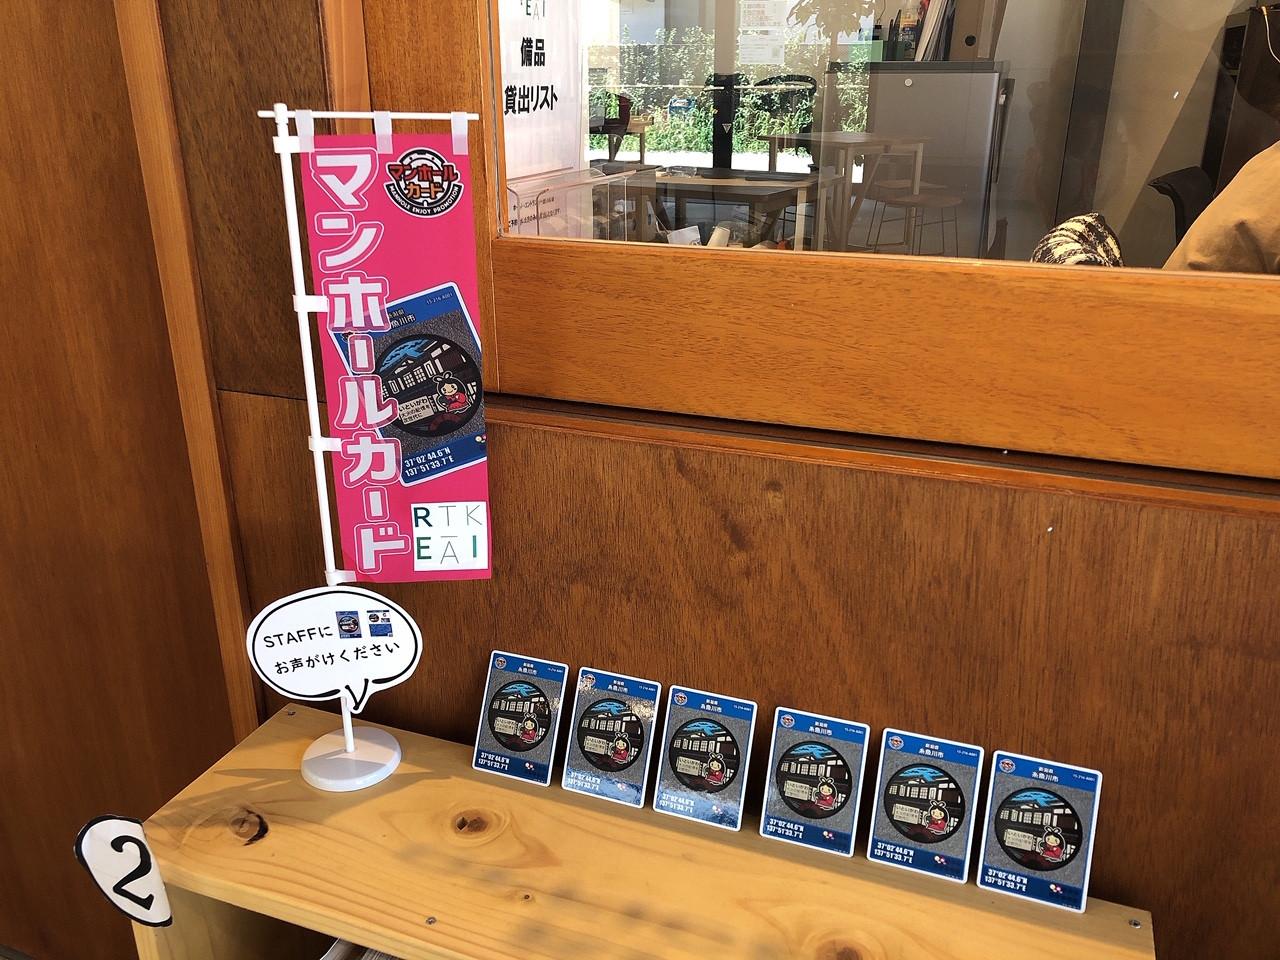 【8/12更新】マンホールカードの配布について